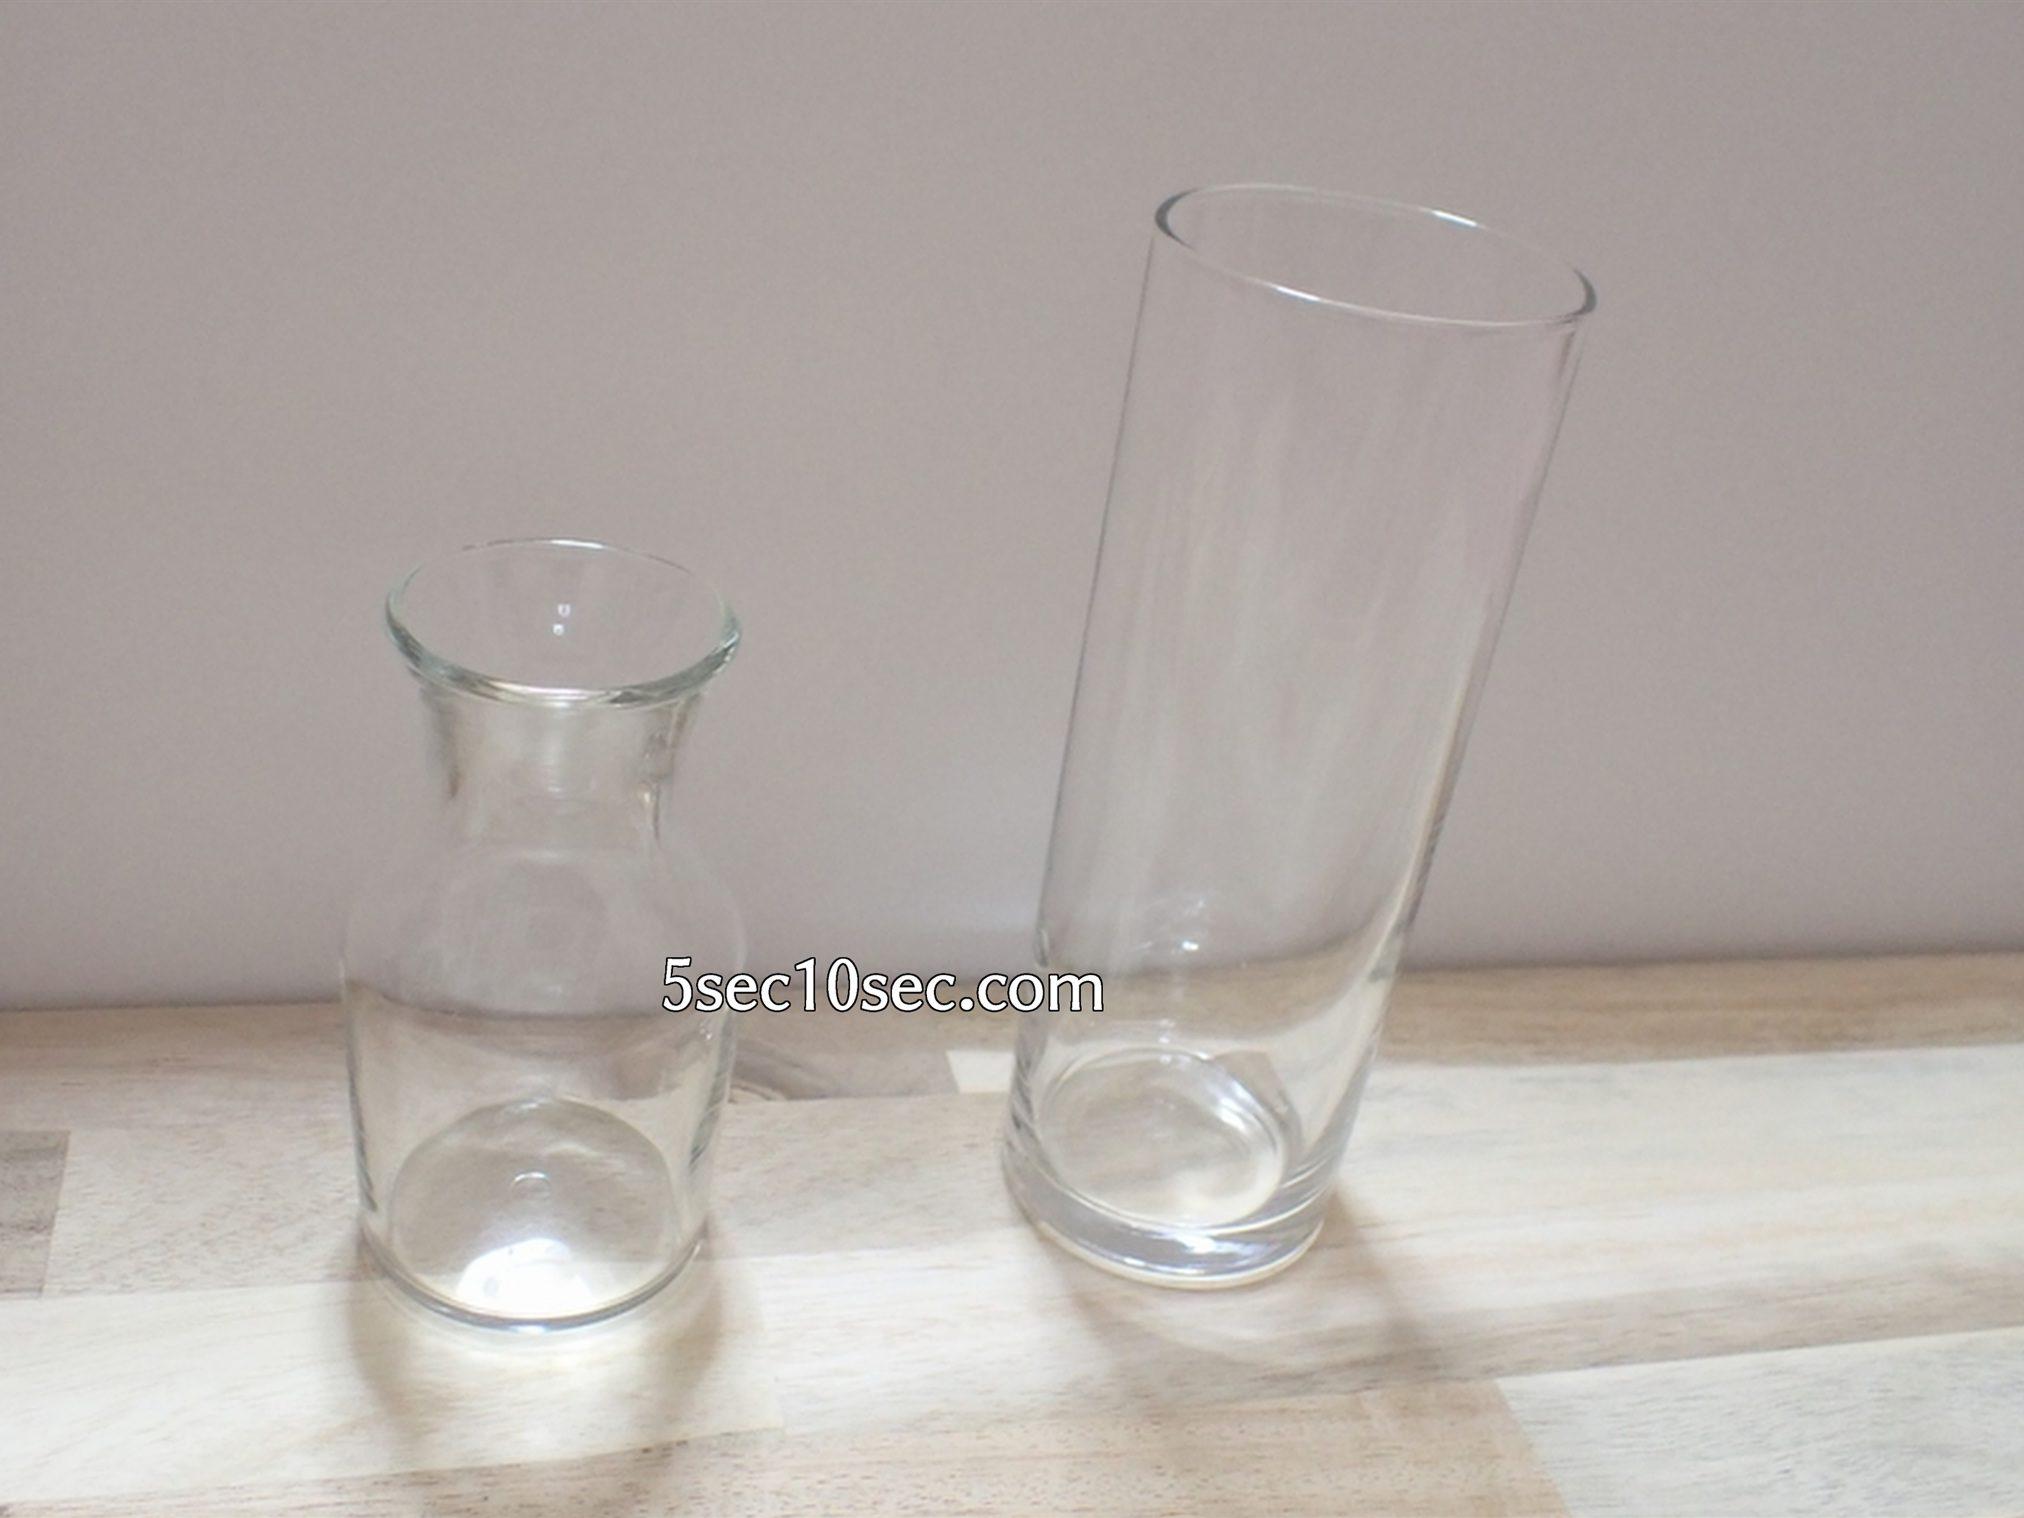 株式会社Crunch Style お花の定期便 Bloomee LIFE ブルーミーライフ 500円(税別・送料別)の体験プランを楽しむために花瓶として100均、100円均一(税込110円)で買ってきたグラス